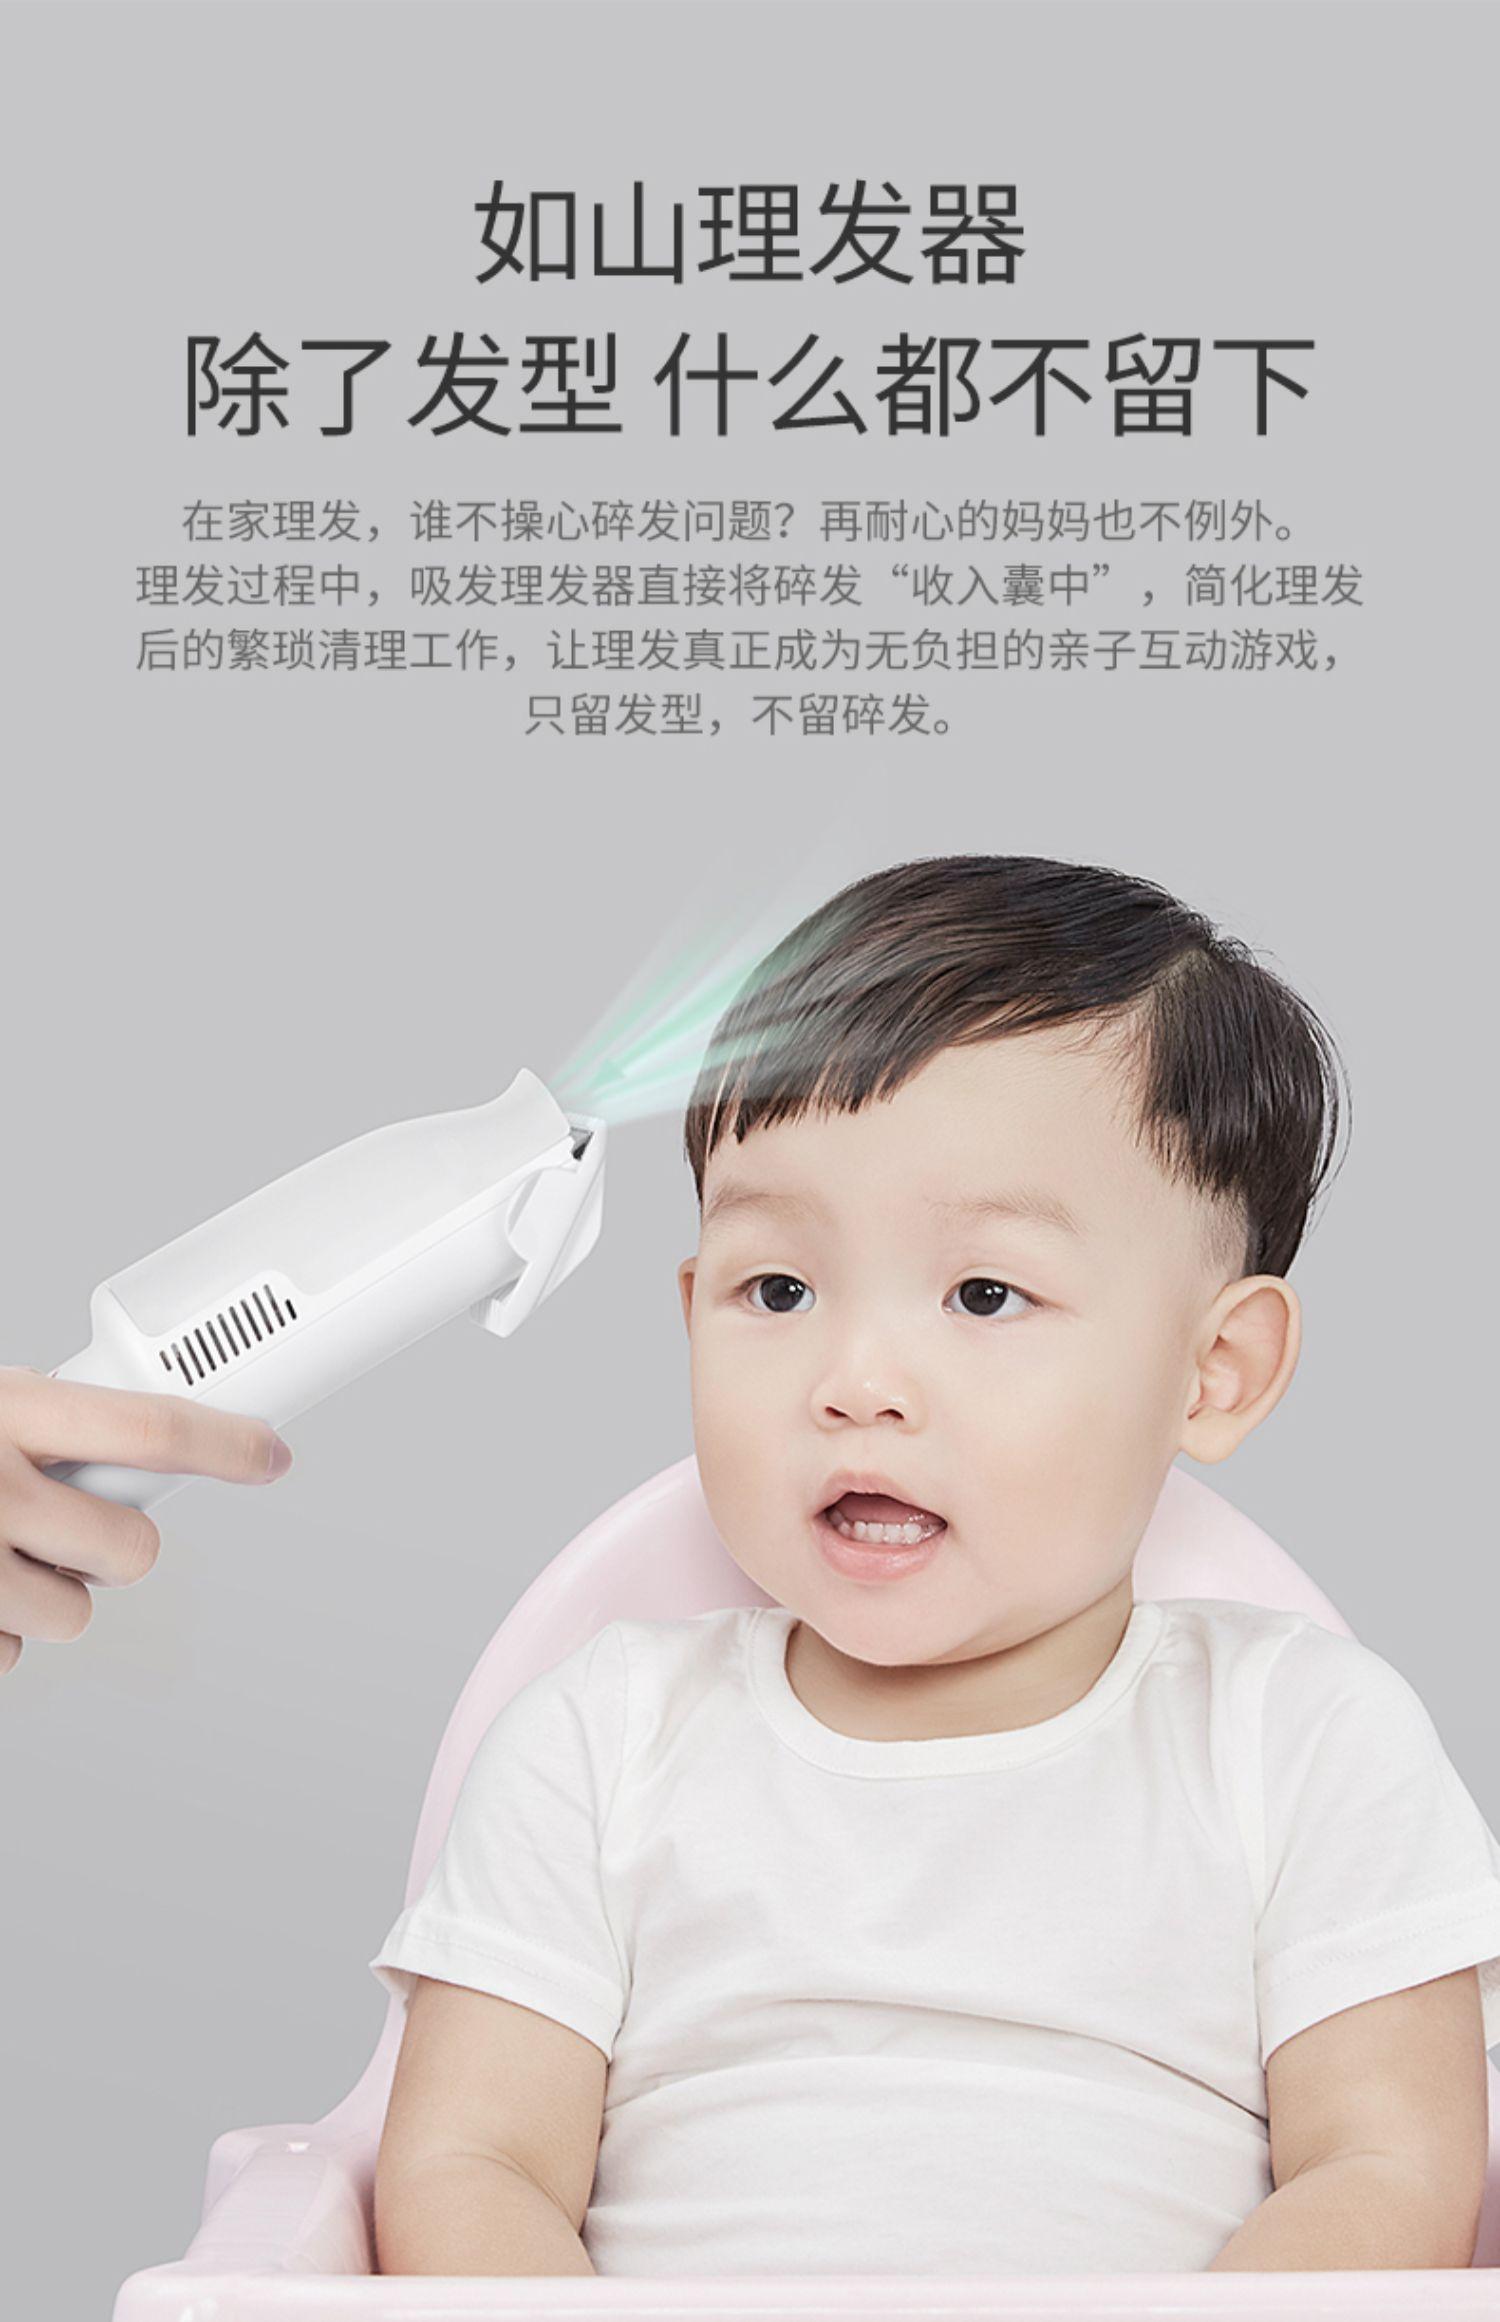 小米如山婴儿自动吸发充电理发器